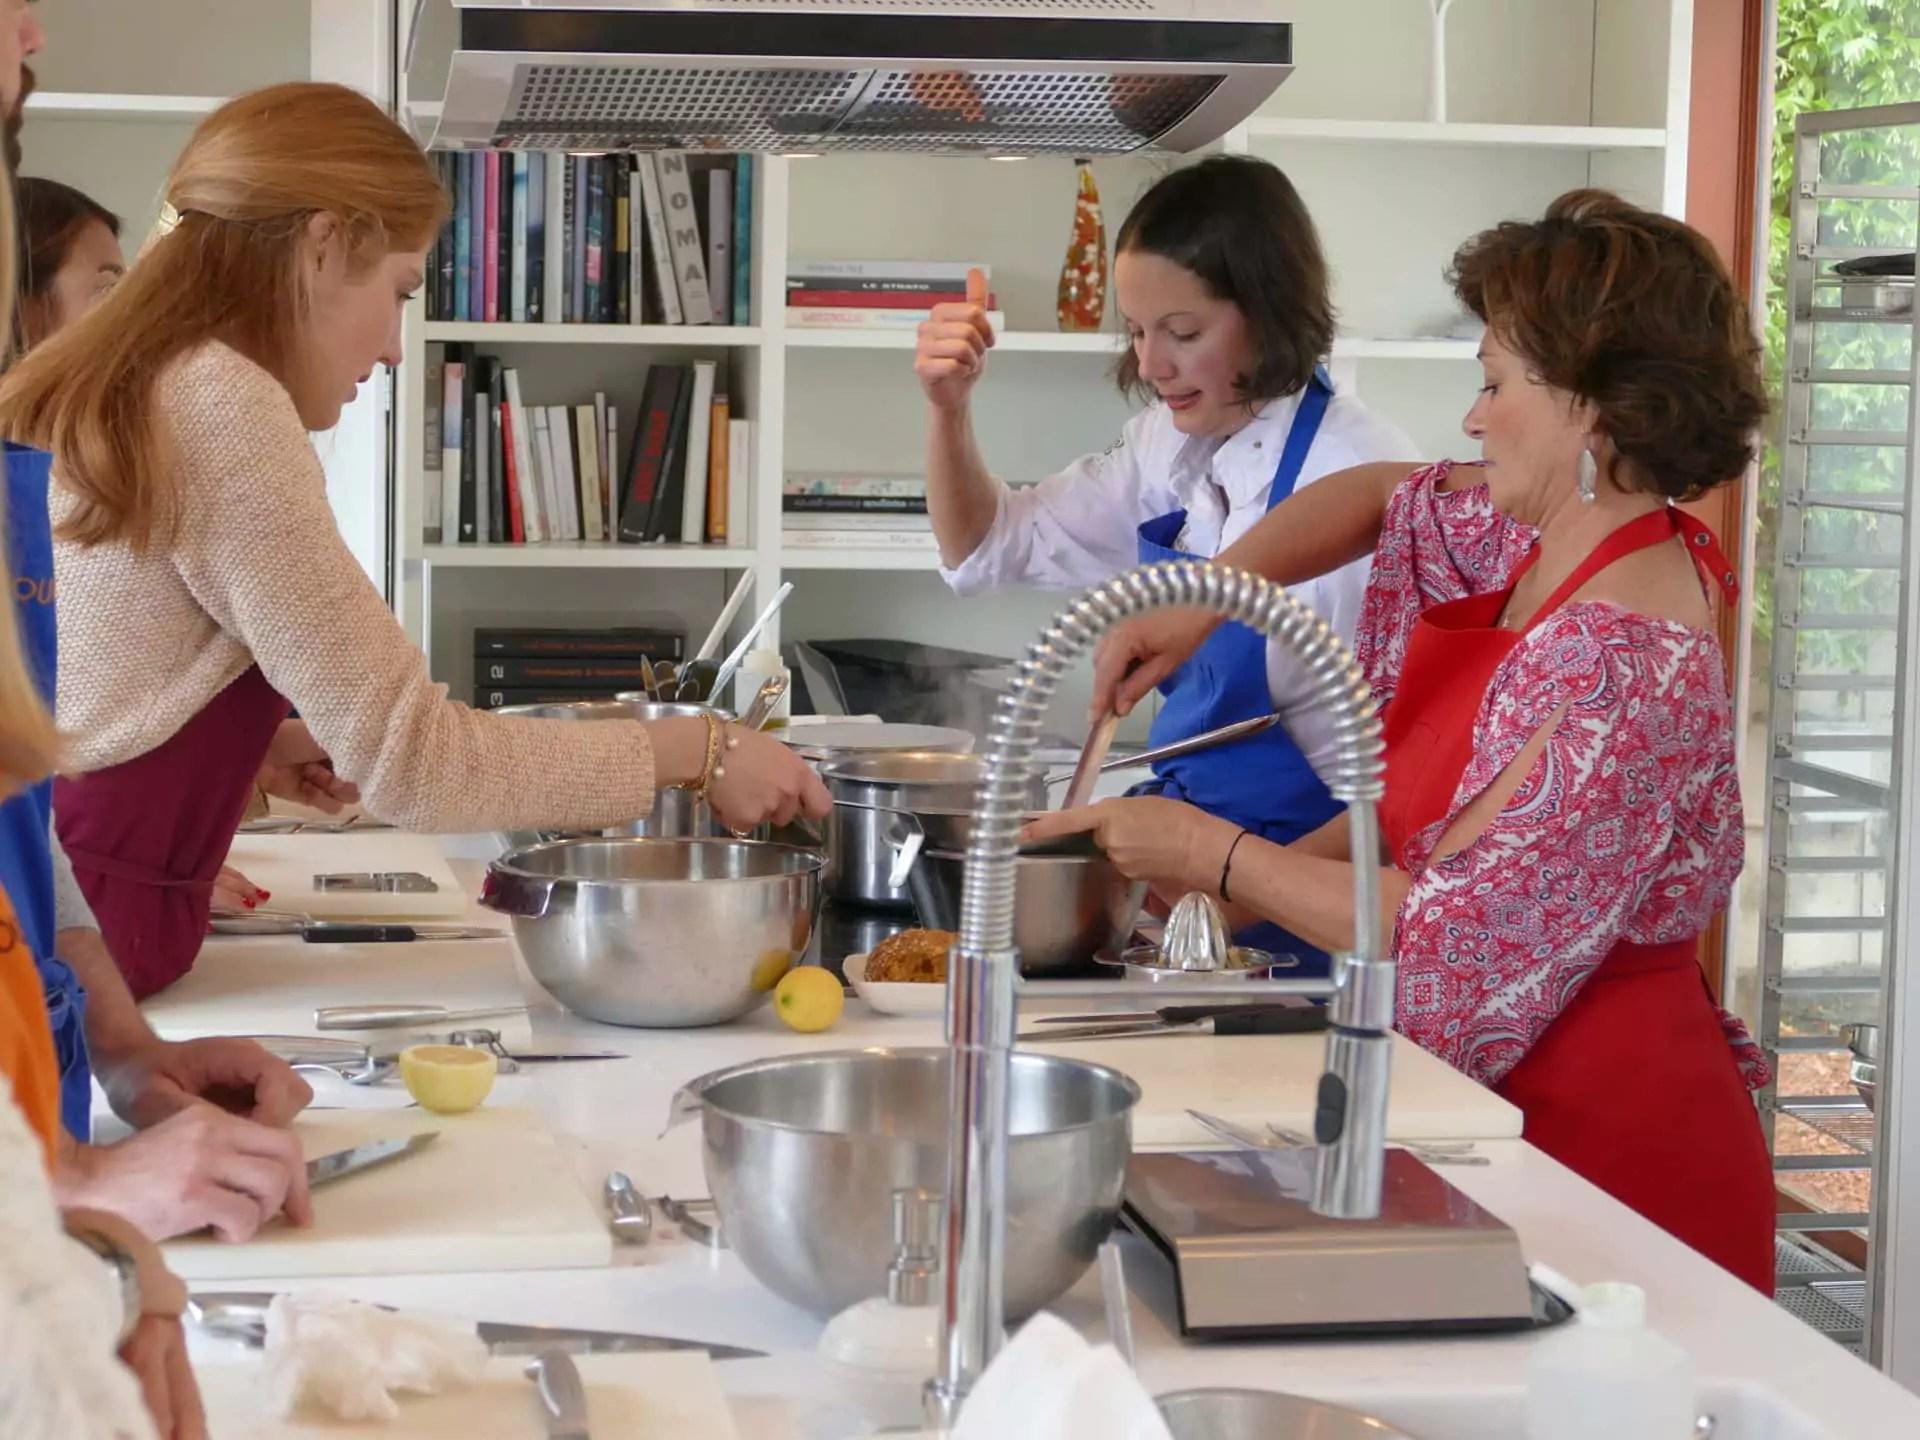 des ateliers cuisine tres hotte a bordeaux